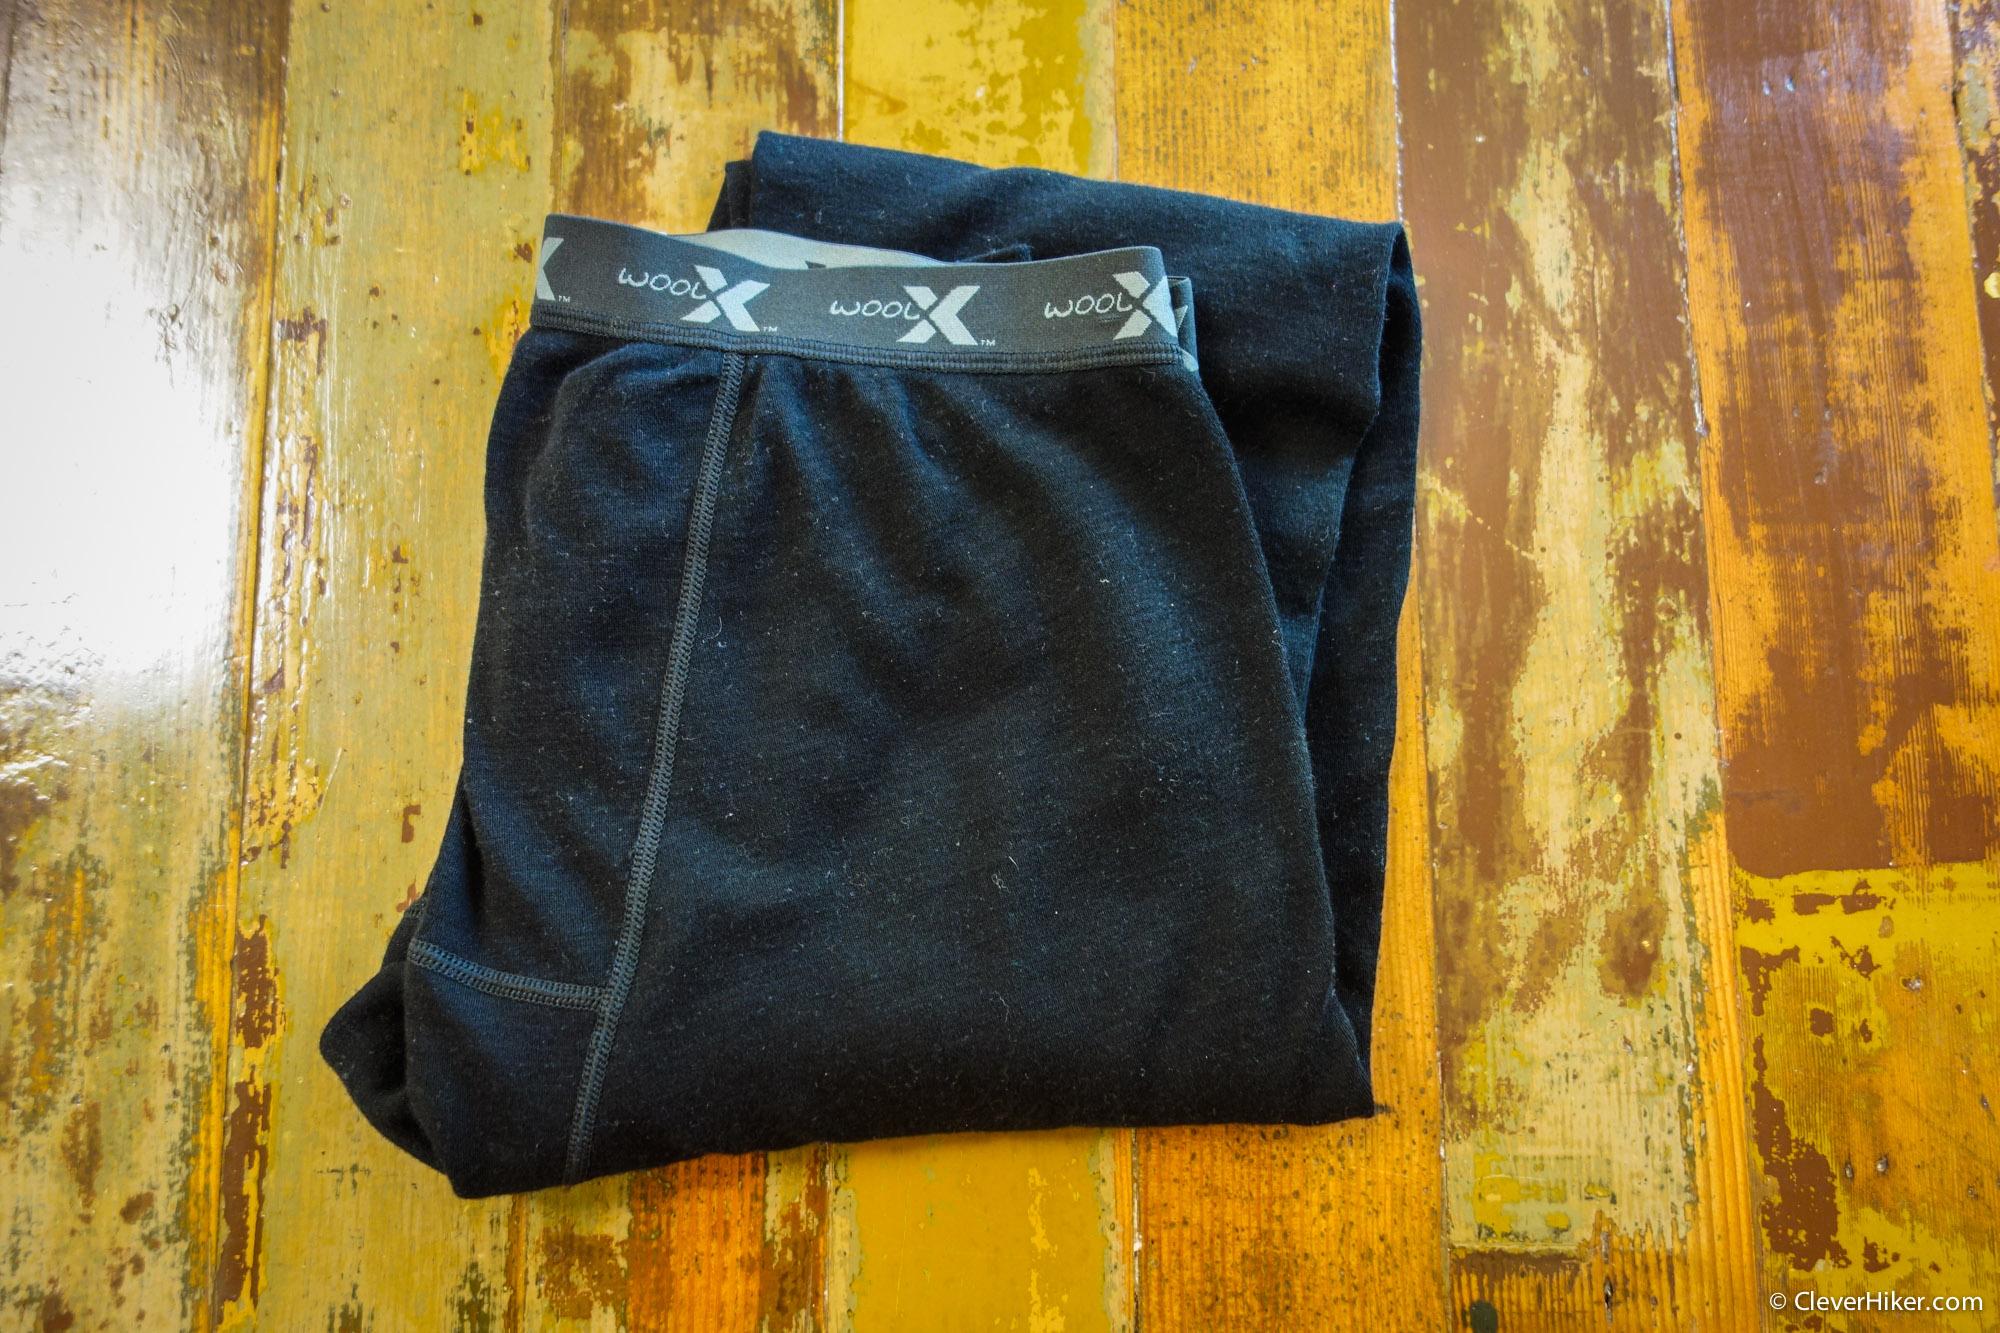 woolx pants